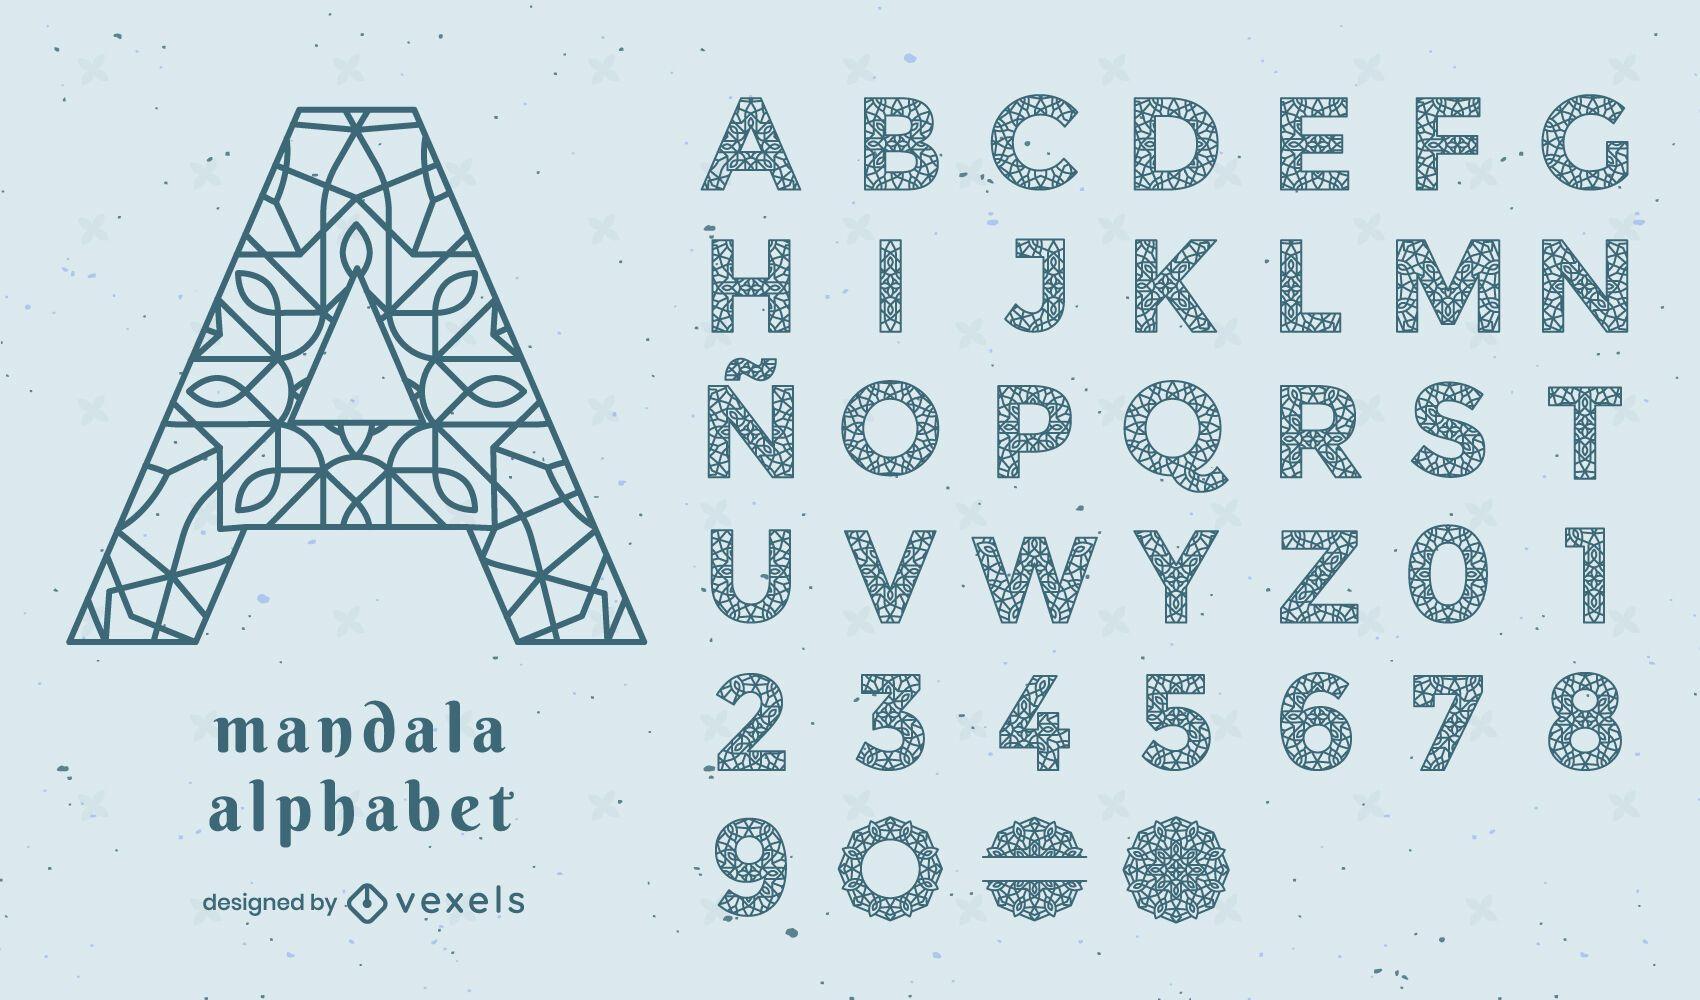 Conjunto de trazos florales de mandala de alfabeto